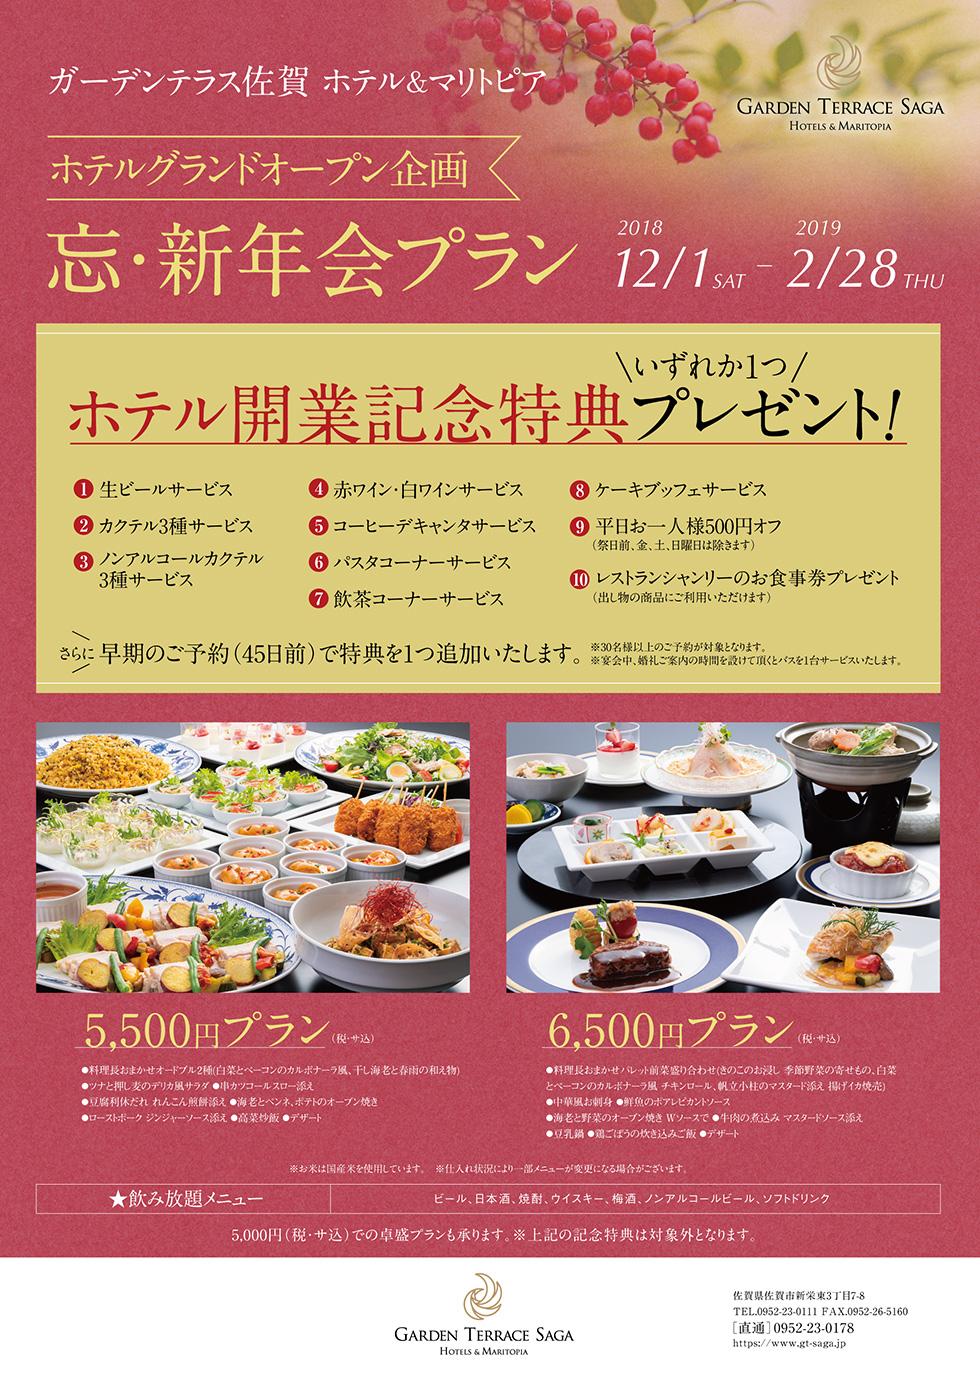 ホテルオープン企画 忘・新年会プラン